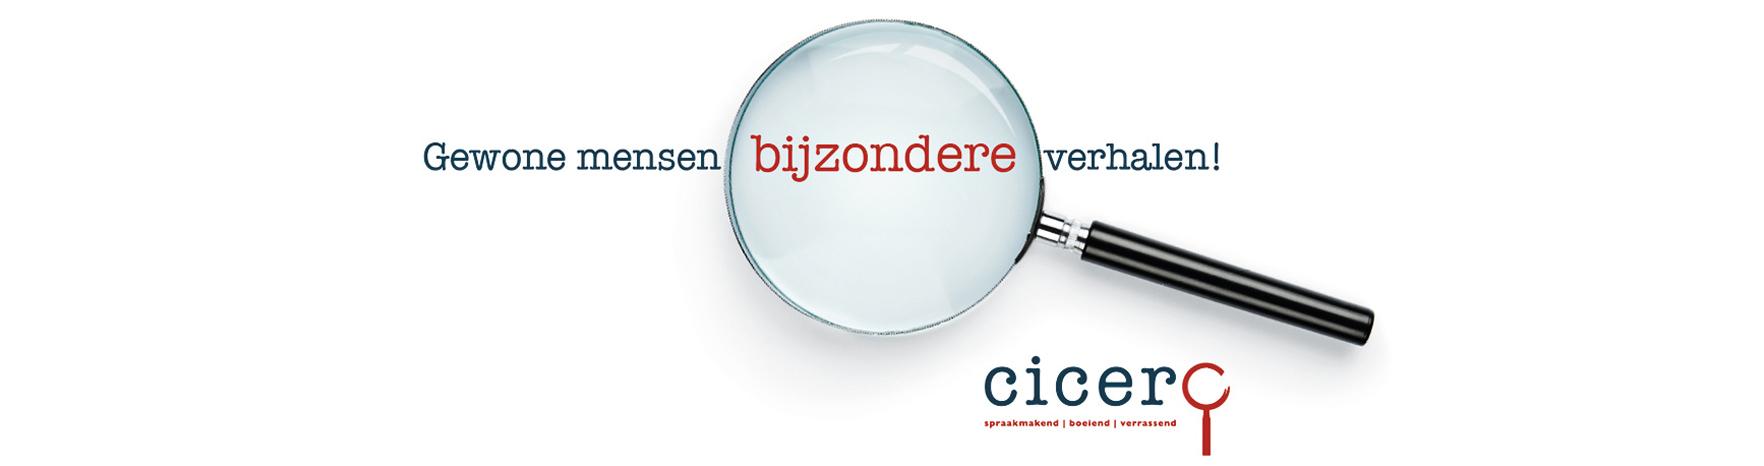 Cicero header